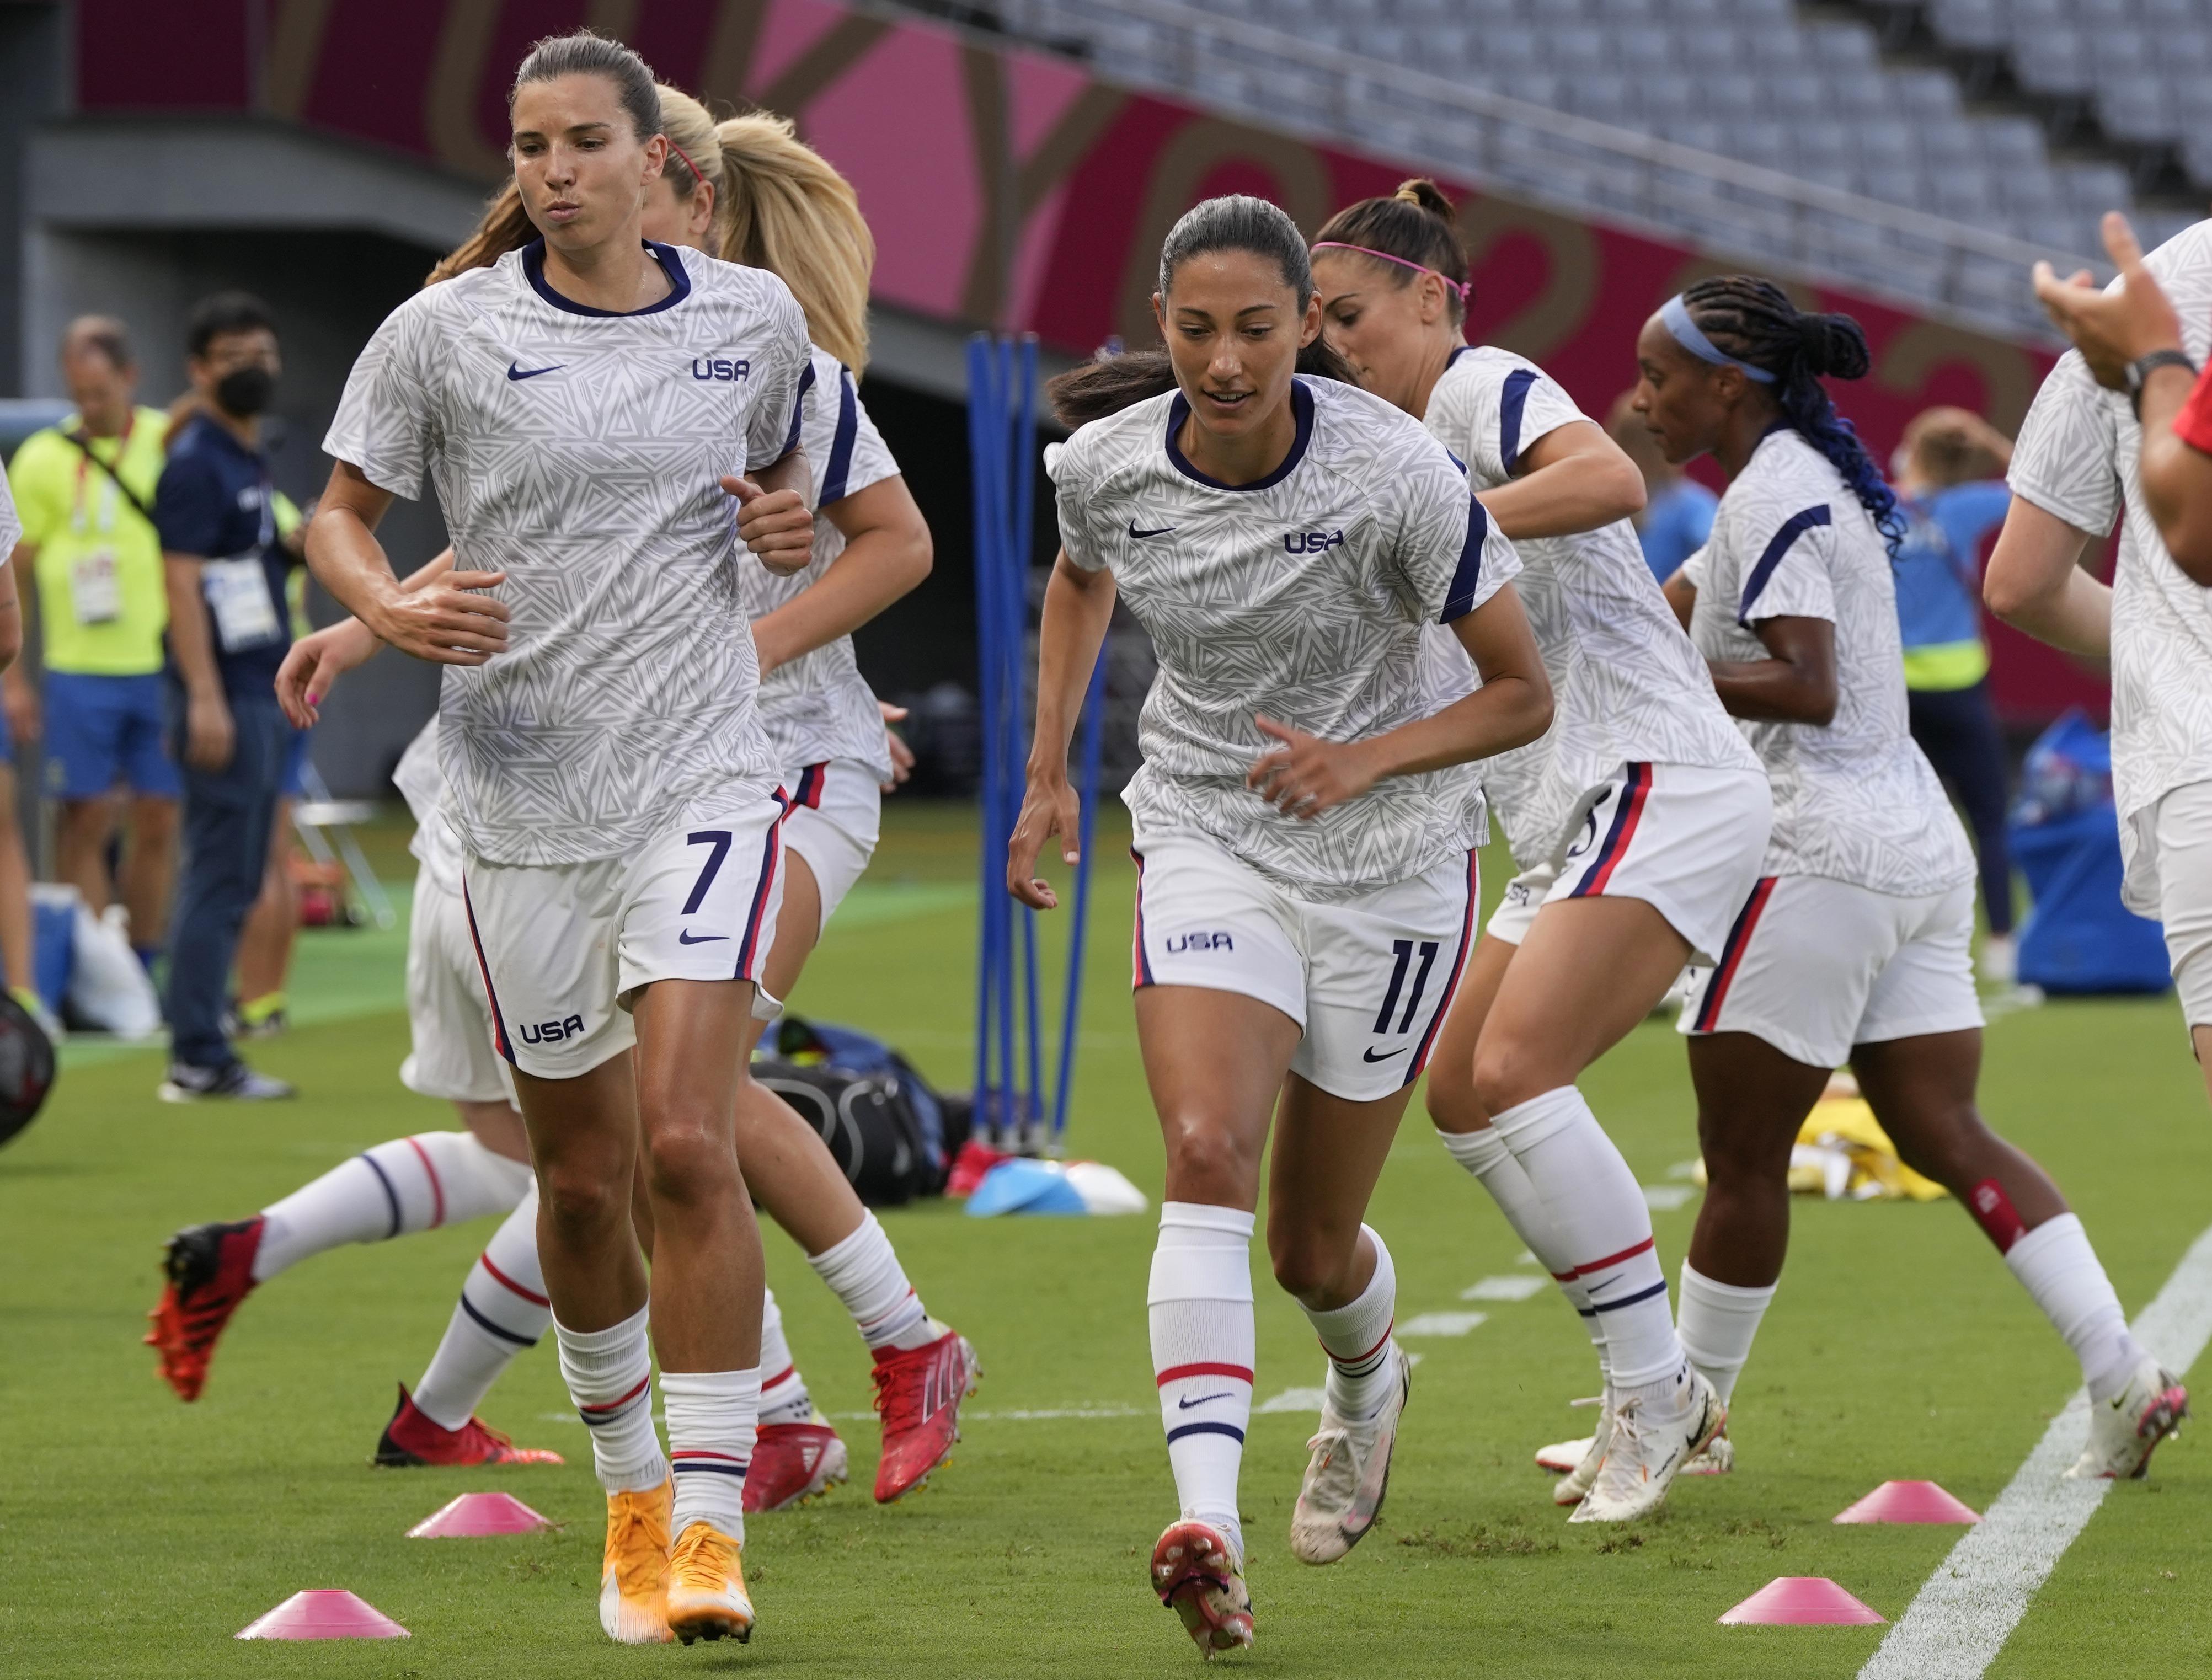 عکس های الکس مورگان در توکیو/ دختر فوتبالیست پر طرفدار آمریکایی